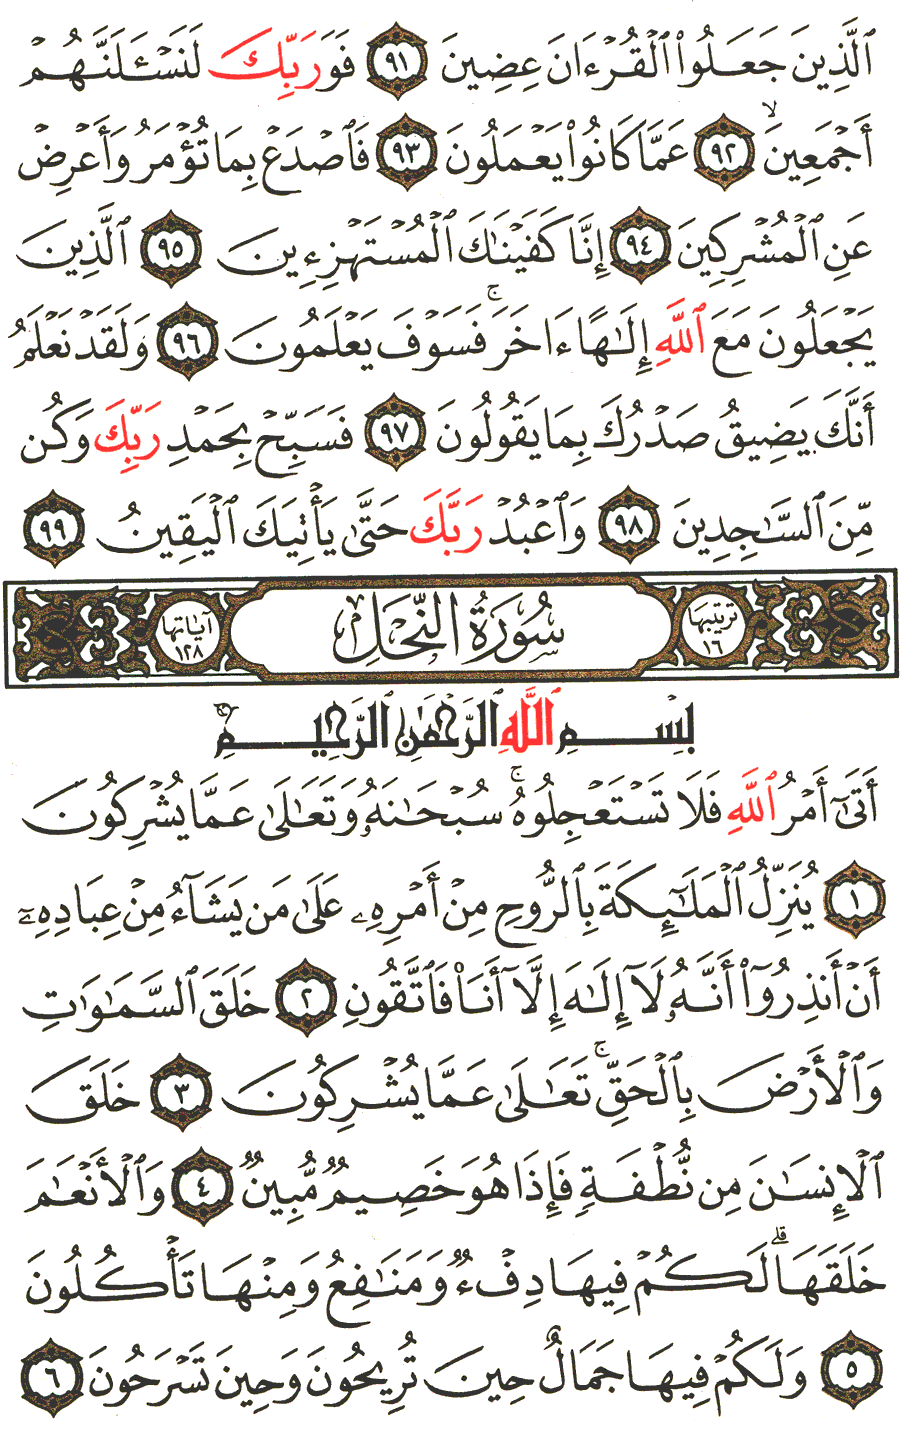 الصفحة رقم 267  من القرآن الكريم مكتوبة من المصحف